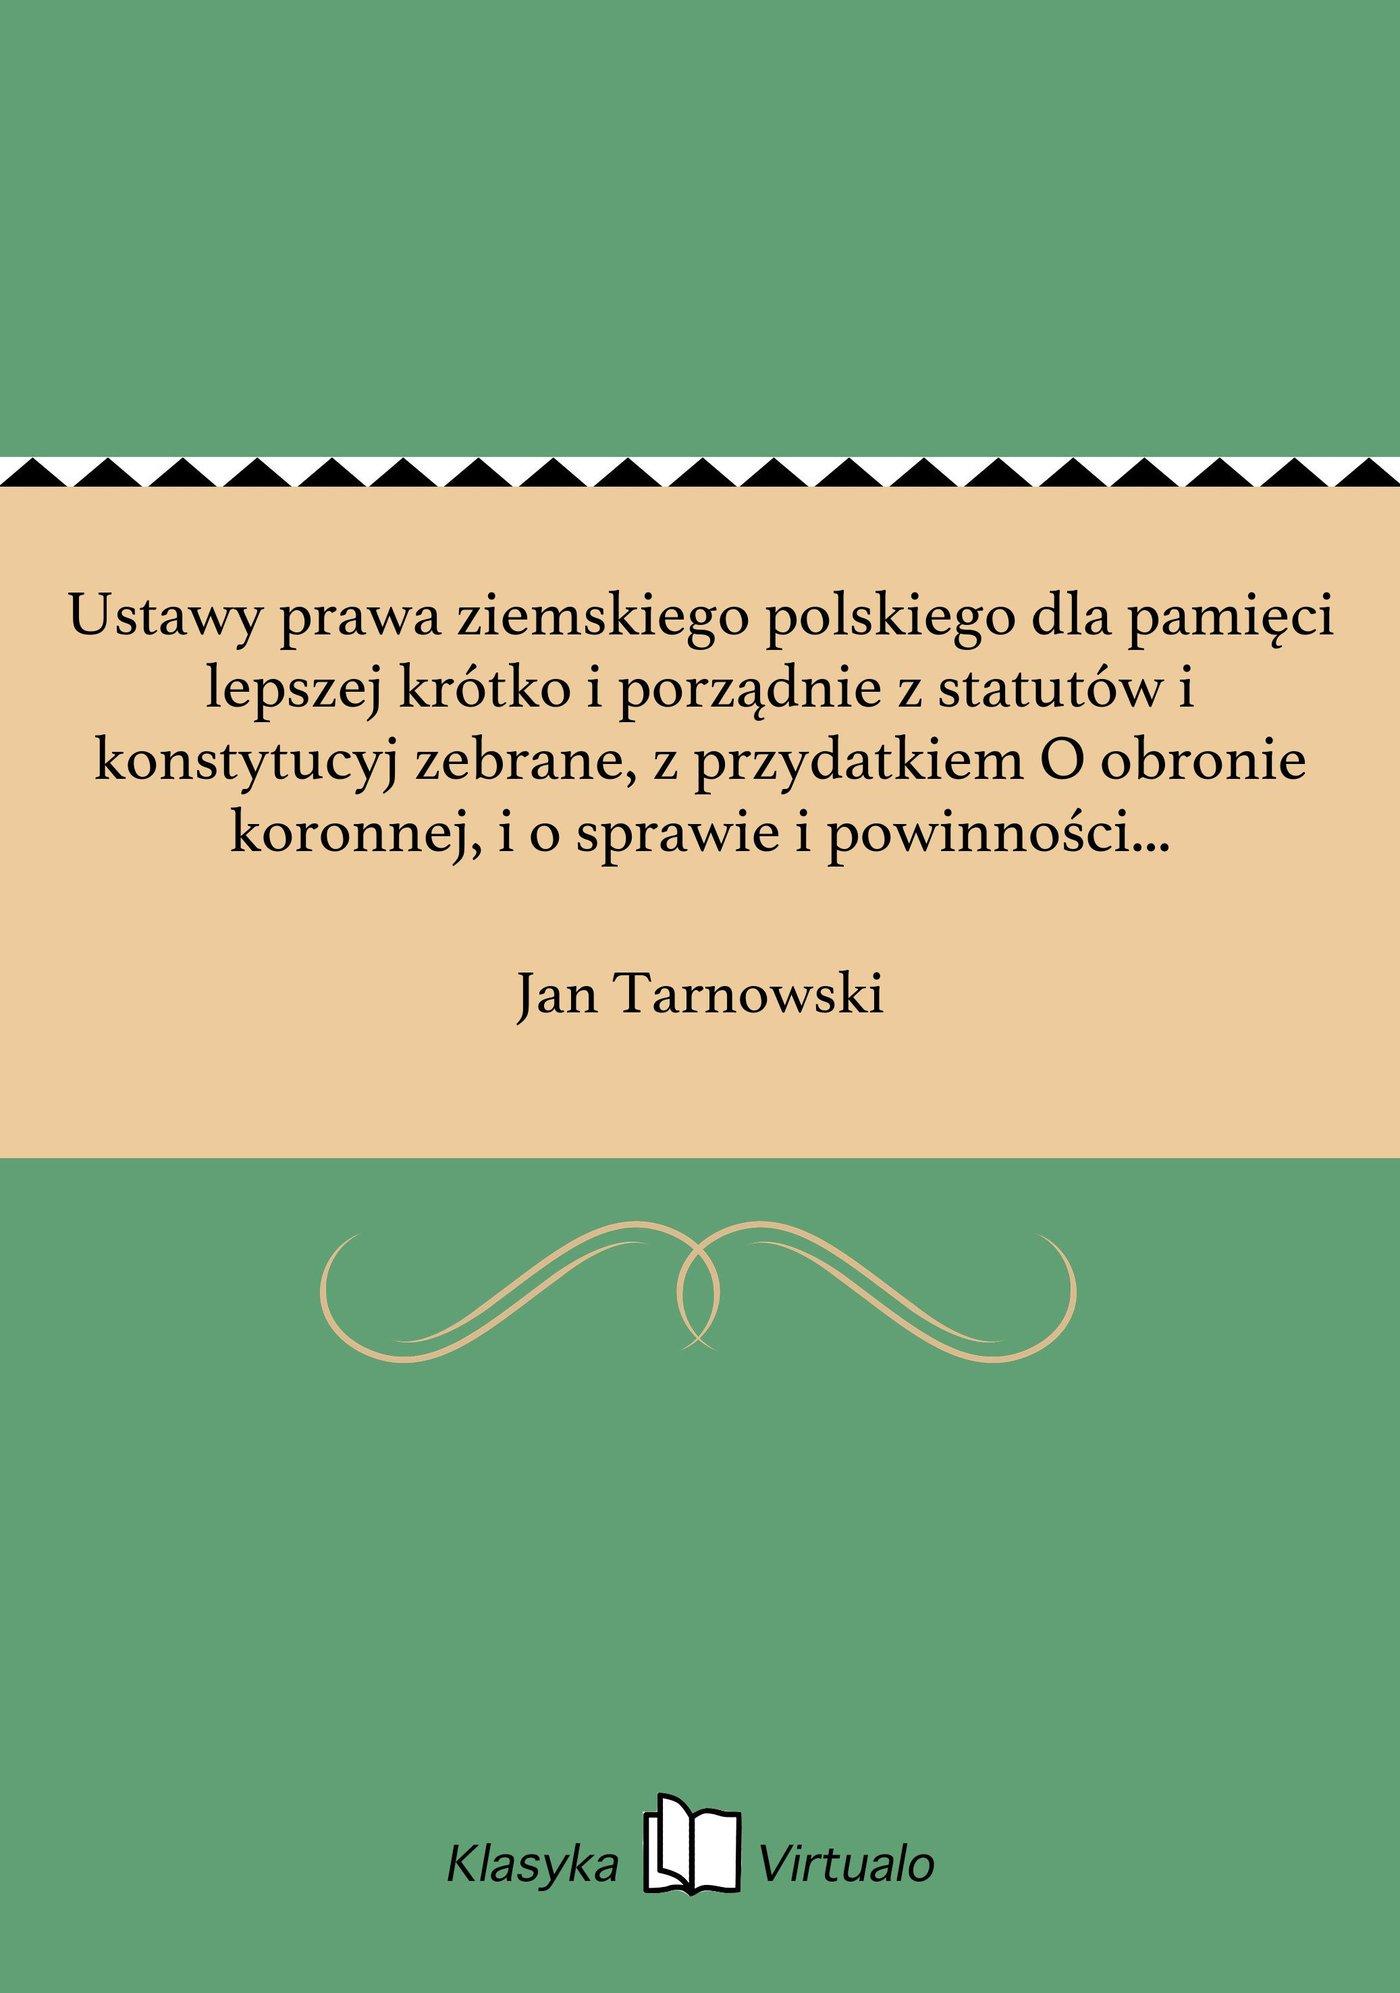 Ustawy prawa ziemskiego polskiego dla pamięci lepszej krótko i porządnie z statutów i konstytucyj zebrane, z przydatkiem O obronie koronnej, i o sprawie i powinności urzędników wojennych - Ebook (Książka EPUB) do pobrania w formacie EPUB